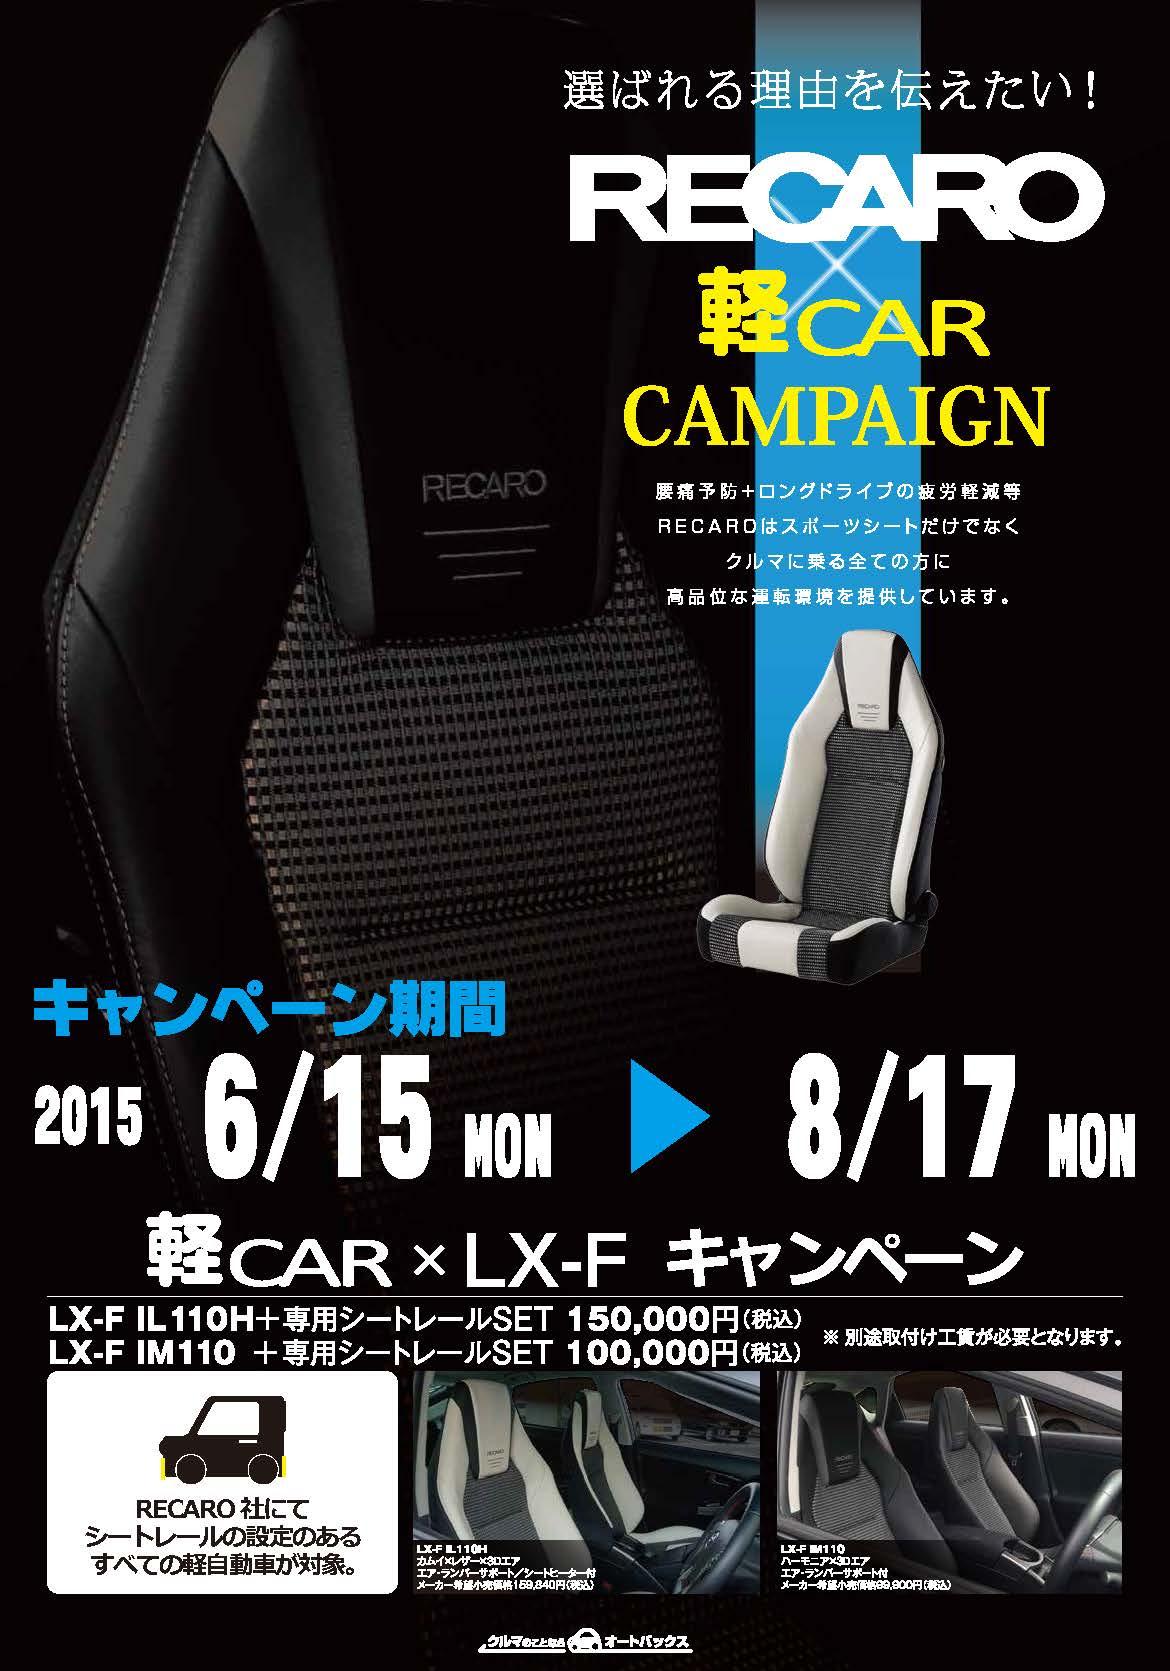 【イベント情報】軽CAR×LX-F キャンペーン